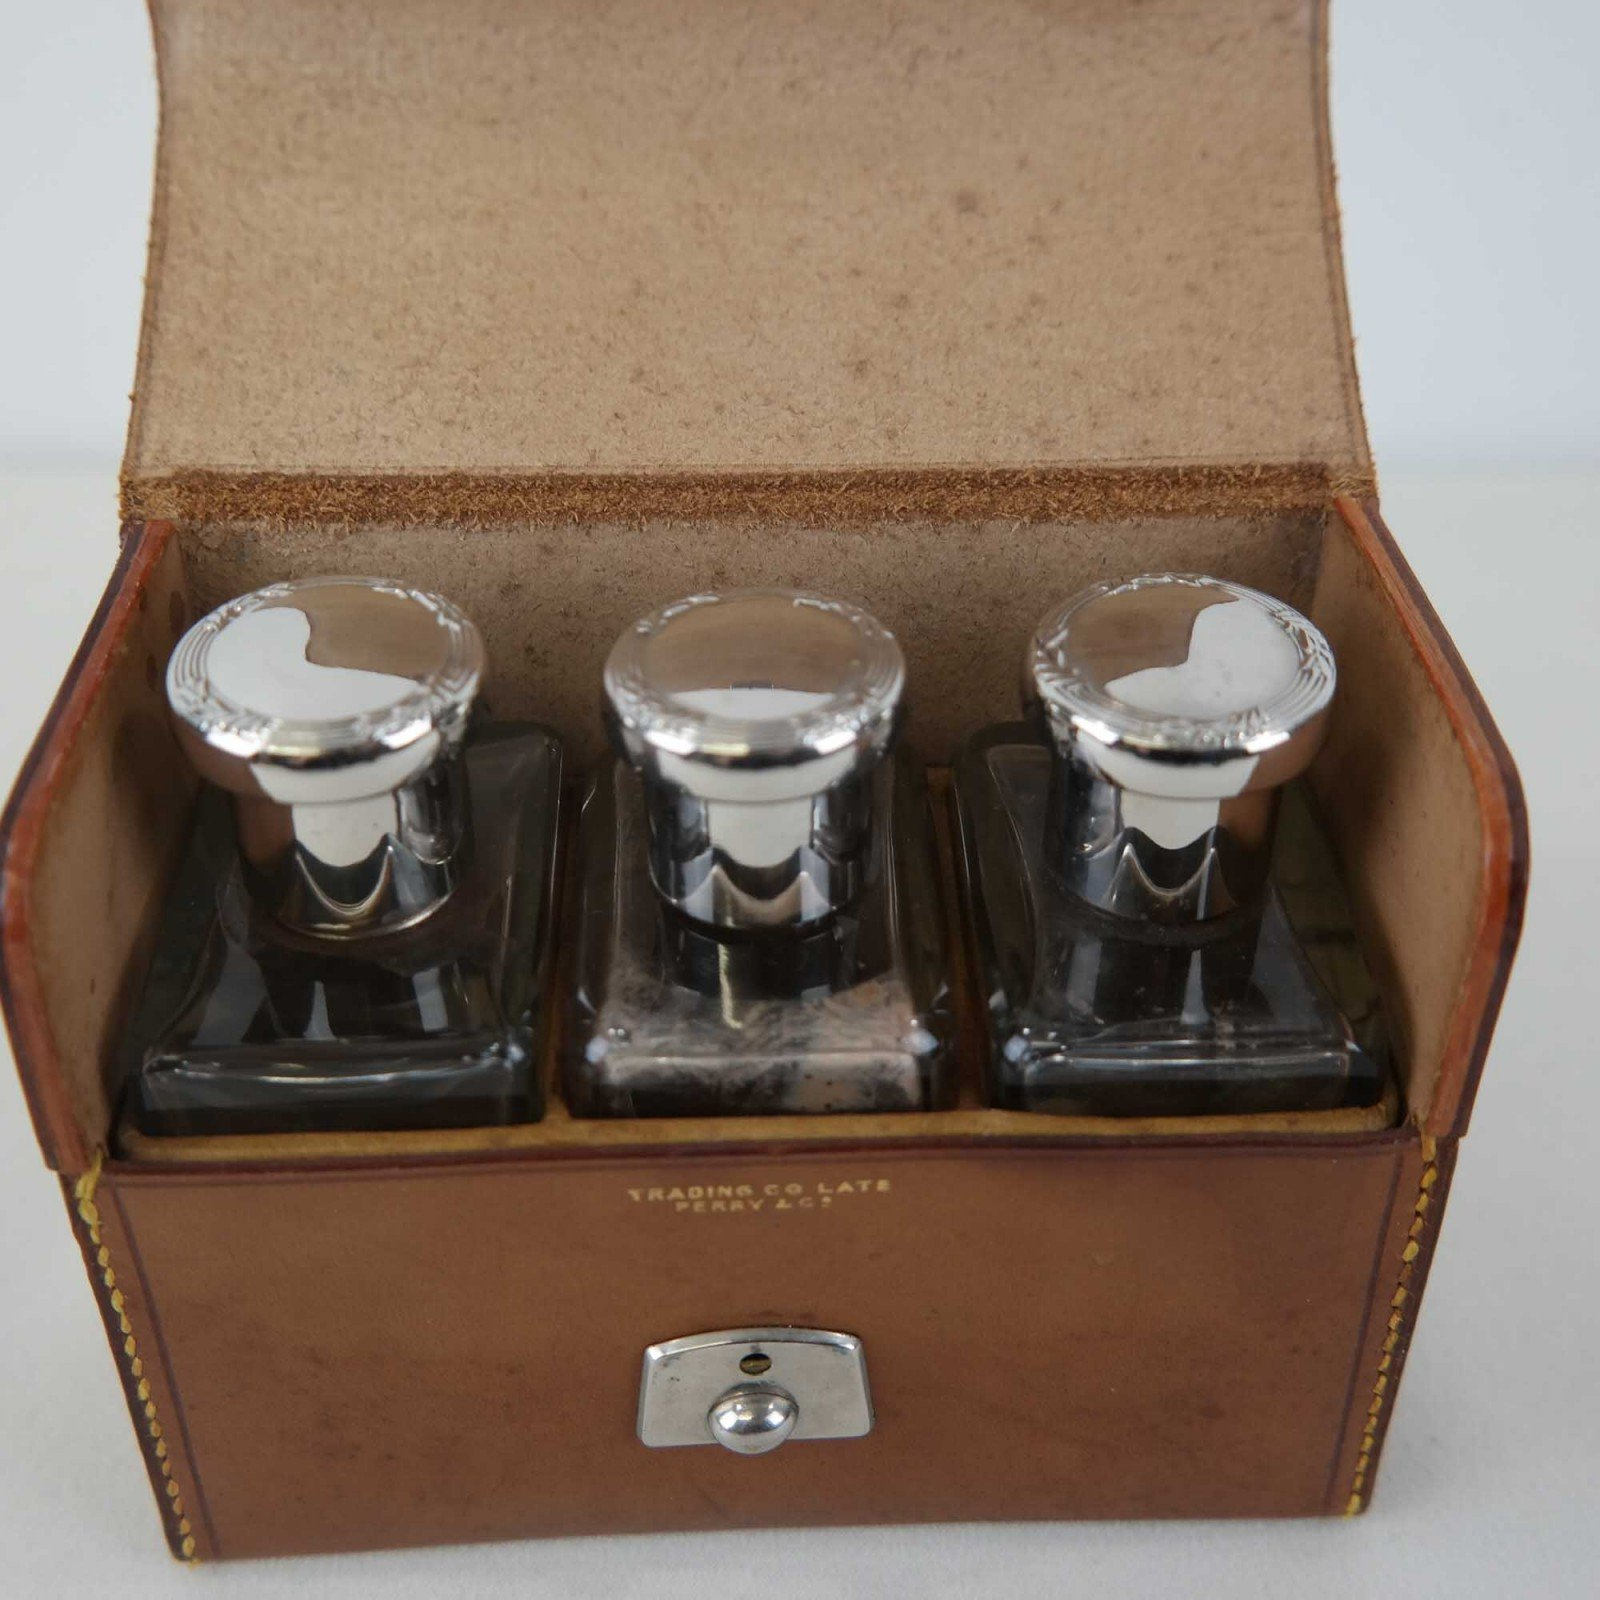 Drie parfumflesjes in lederen doos van Perry&Co